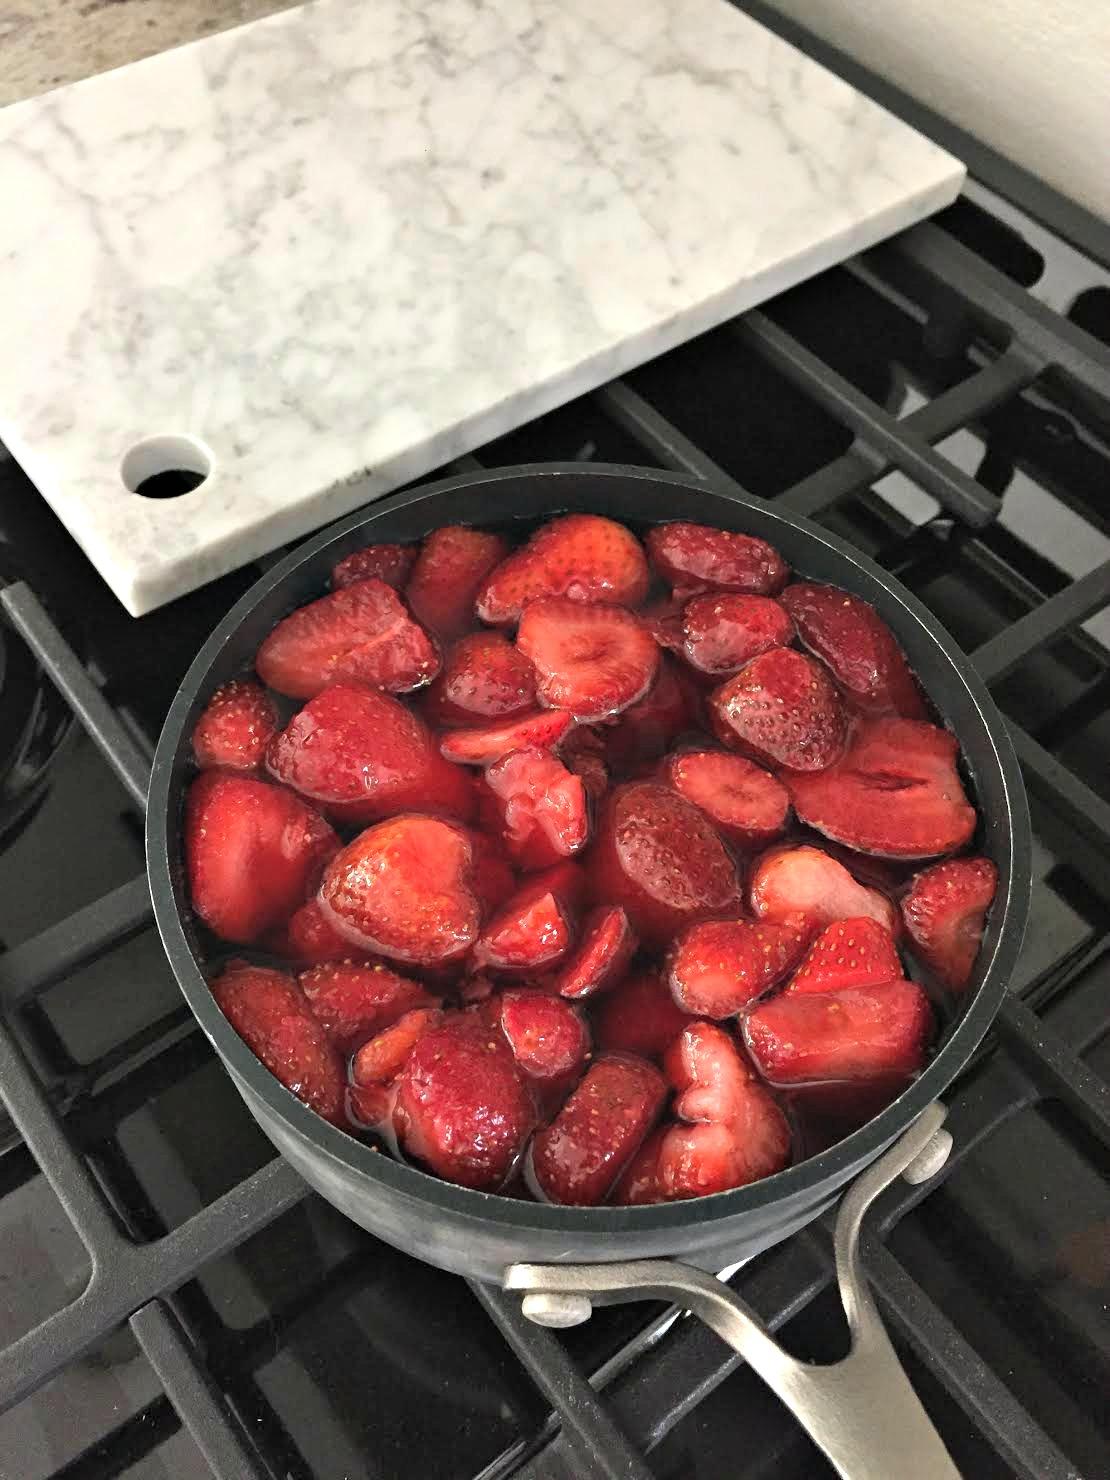 Strawberry dessert with pretzels